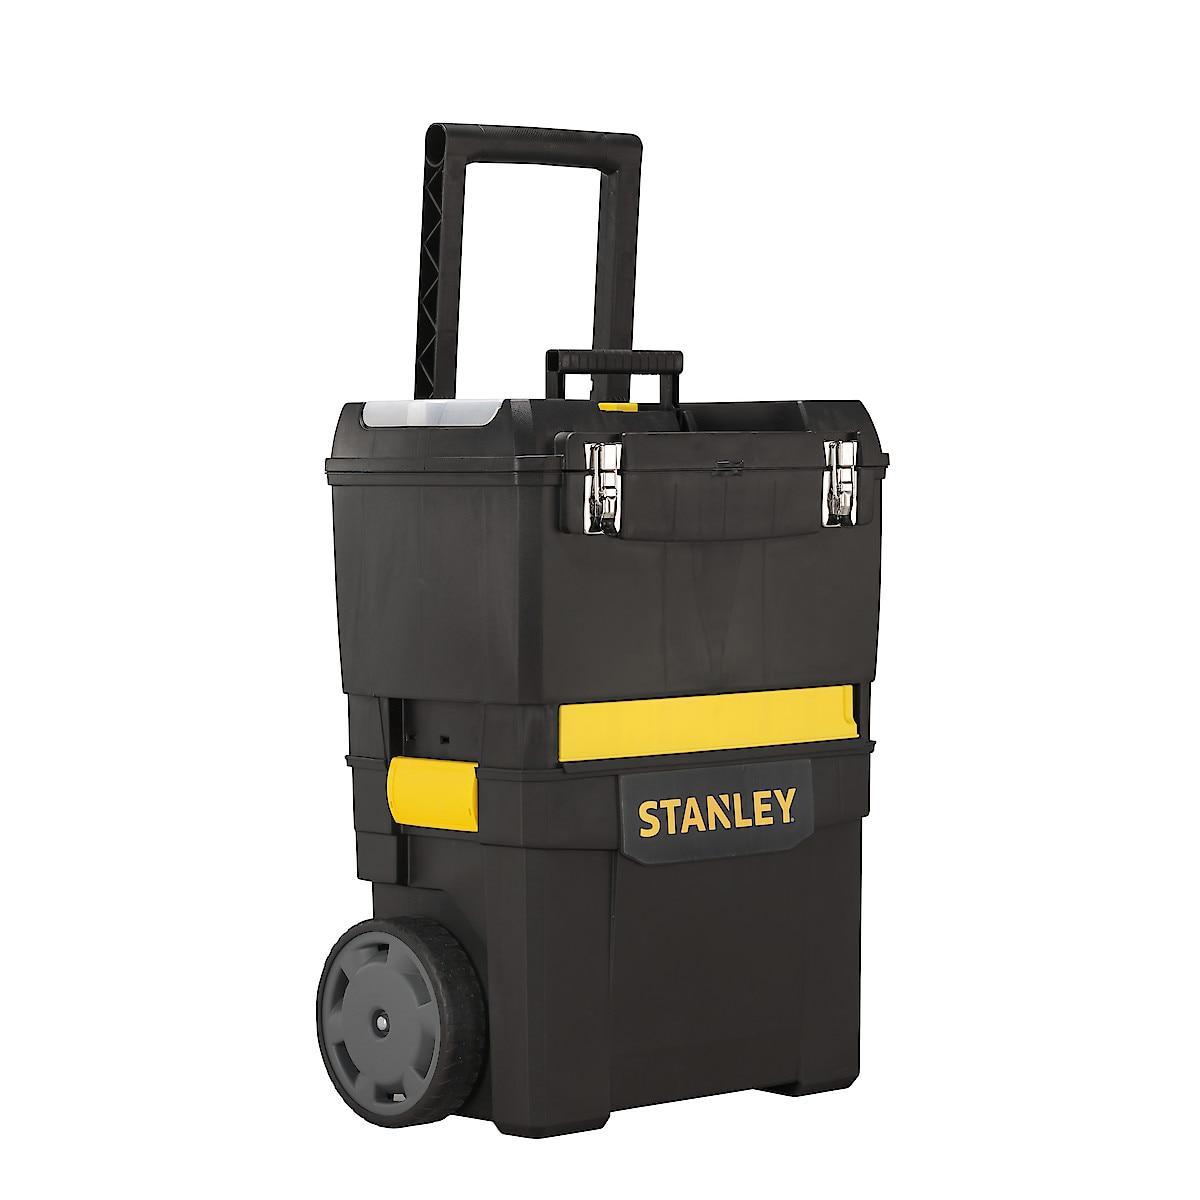 Työkaluvaunu ja säilytyslaatikko Stanley